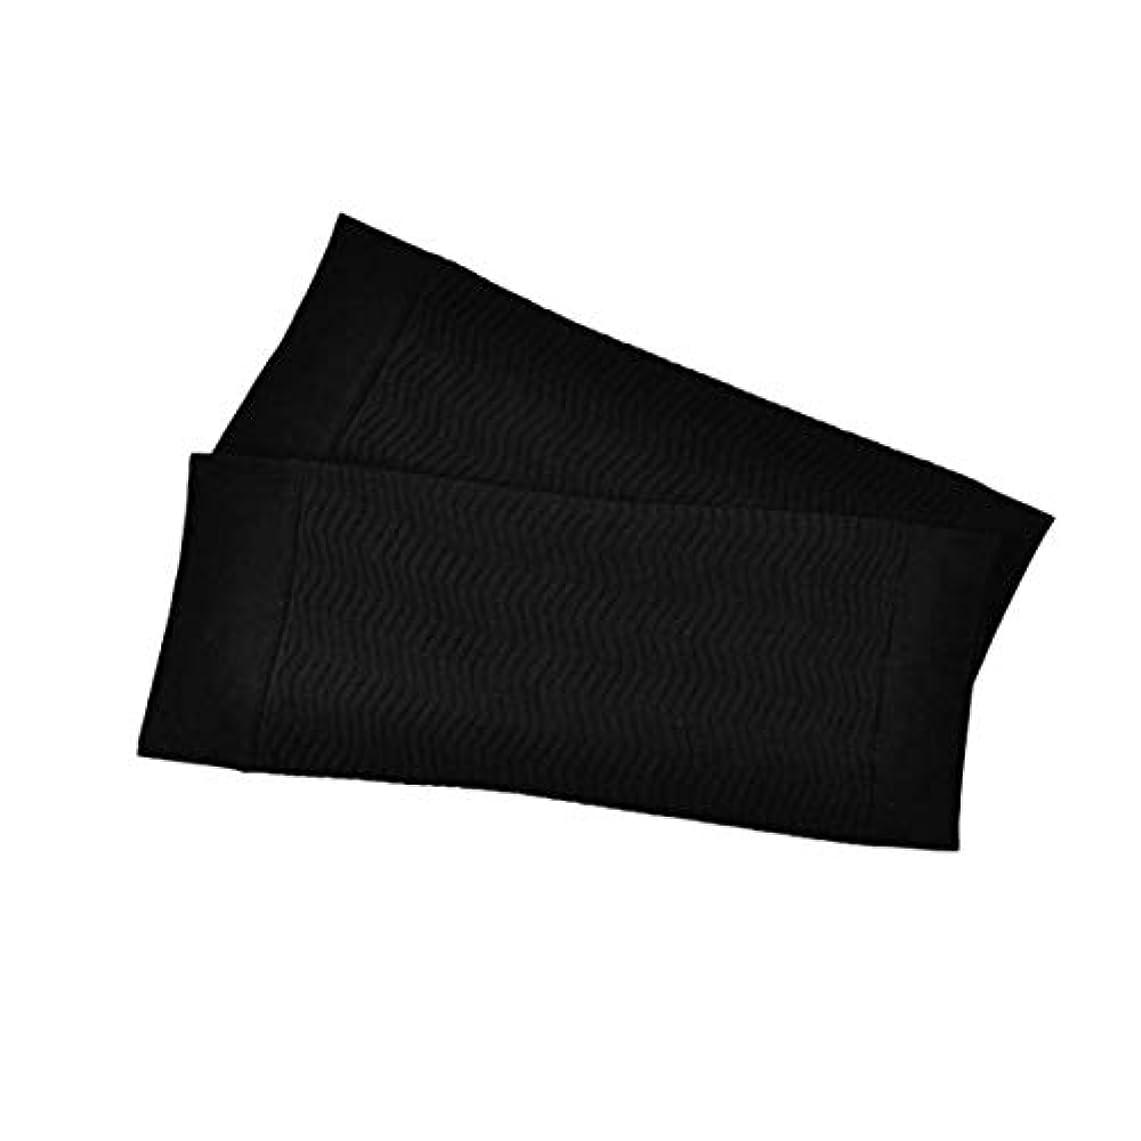 教育霧共和国1ペア680 D圧縮アームシェイパーワークアウトトーニングバーンセルライトスリミングアームスリーブ脂肪燃焼半袖用女性 - ブラック